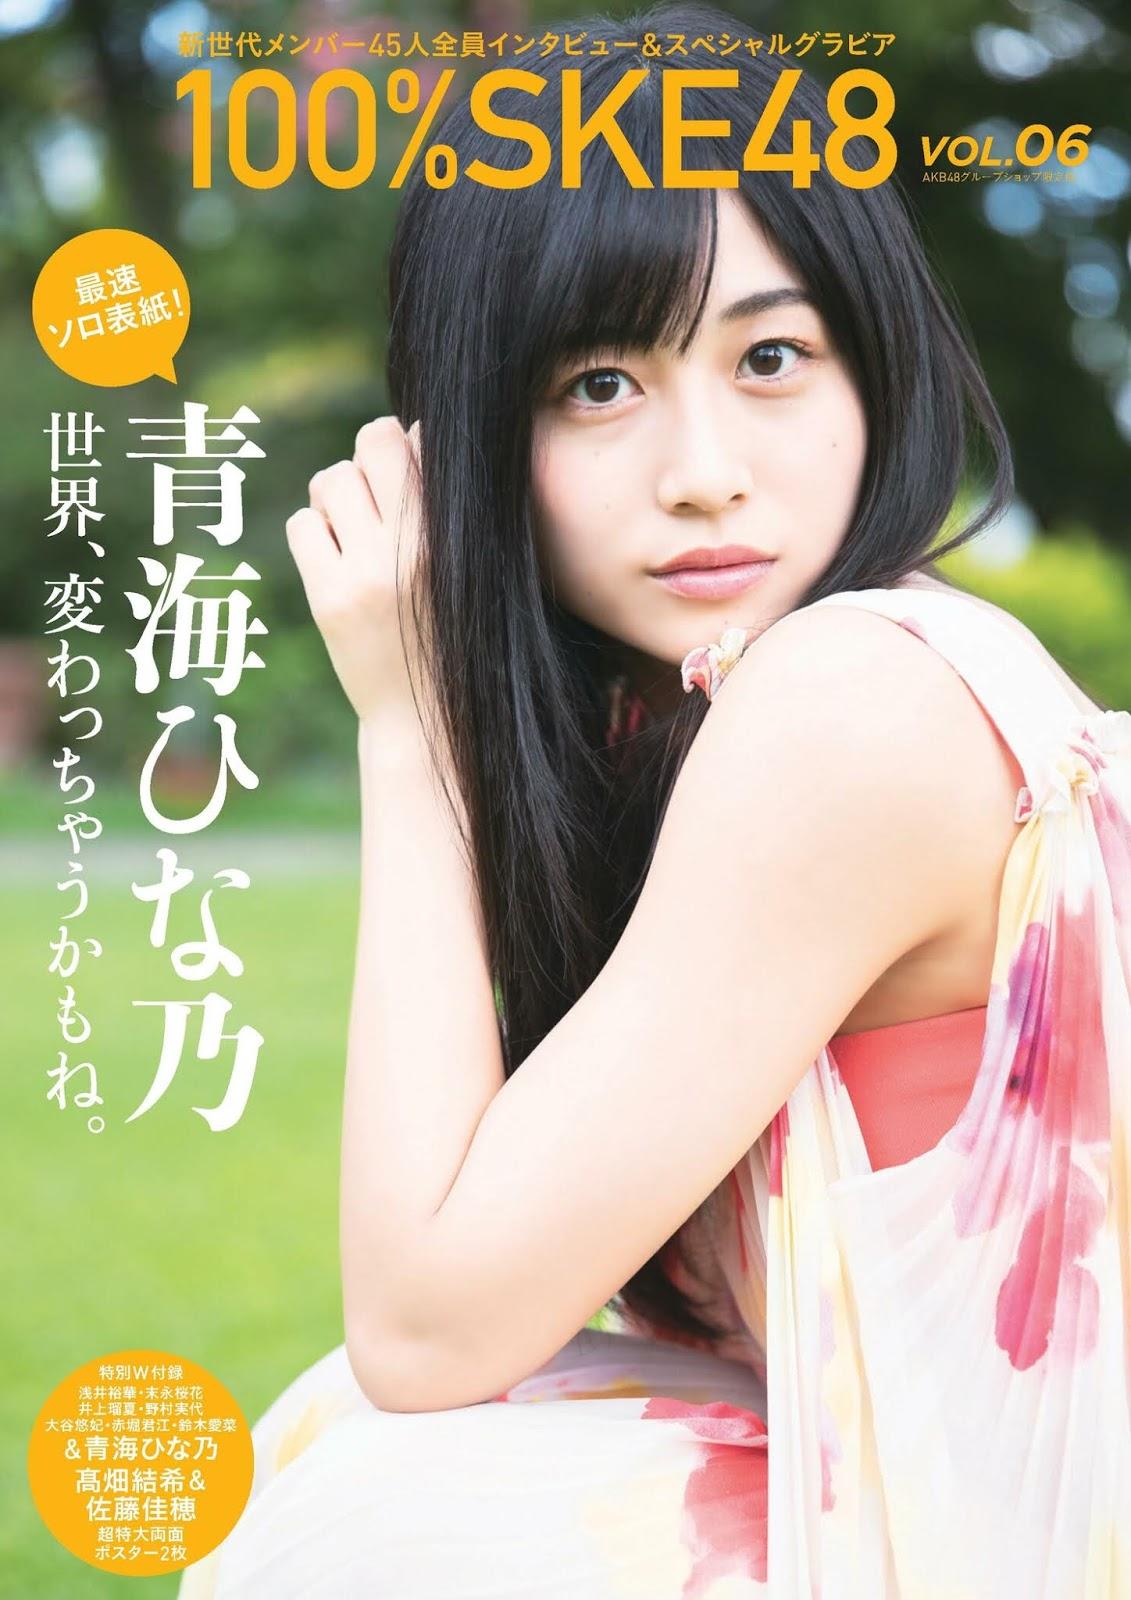 青海ひな乃  BUBKA 2019年11月號増刊 100_SKE48 Vol.06 - 亞洲美女 -